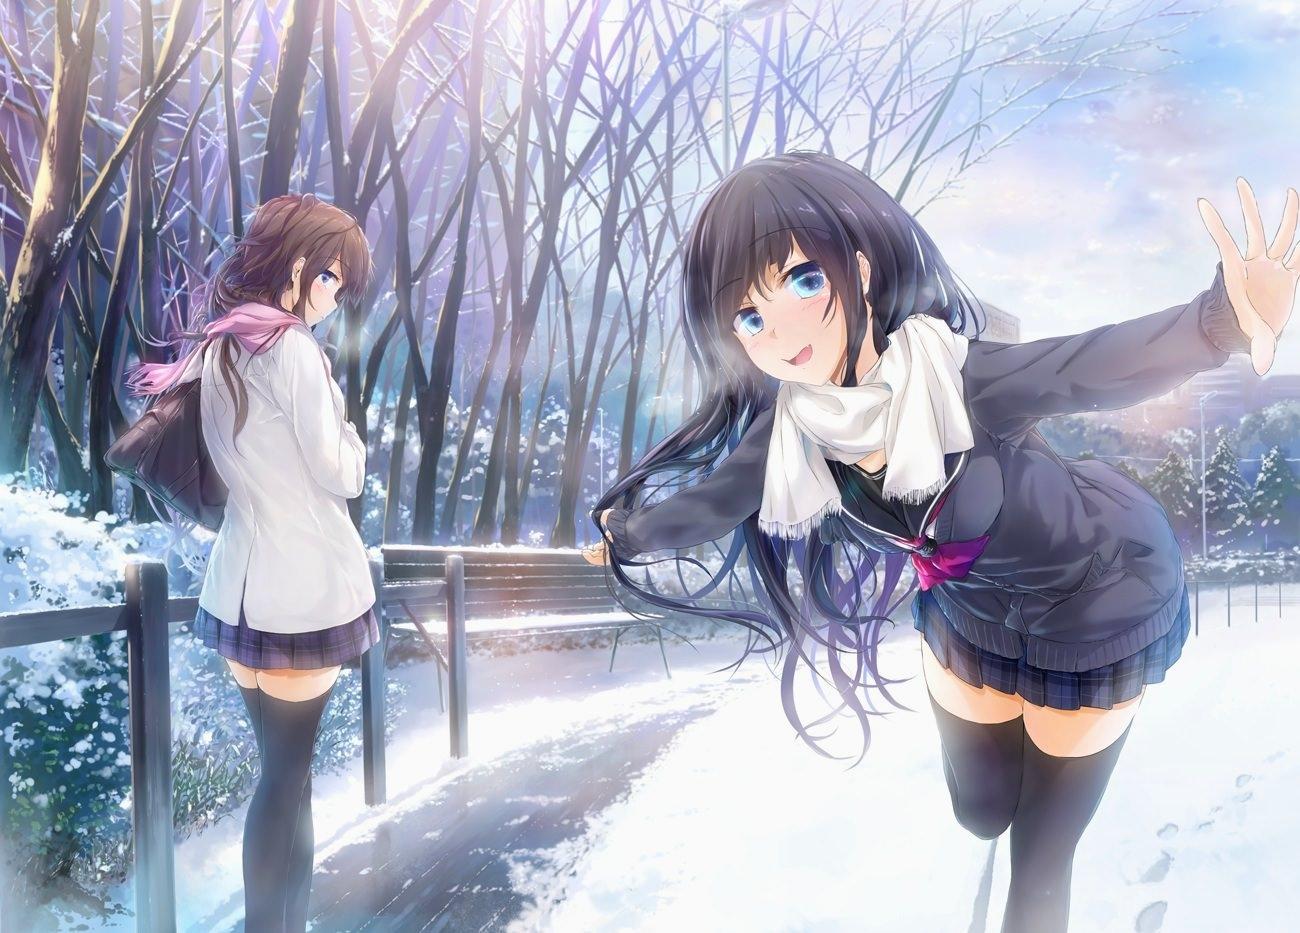 Фото Обаятельная брюнетка дурачится в парке зимой, хорошее настроение, пробегает по первому снегу мимо девушки, скачать картинку бесплатно